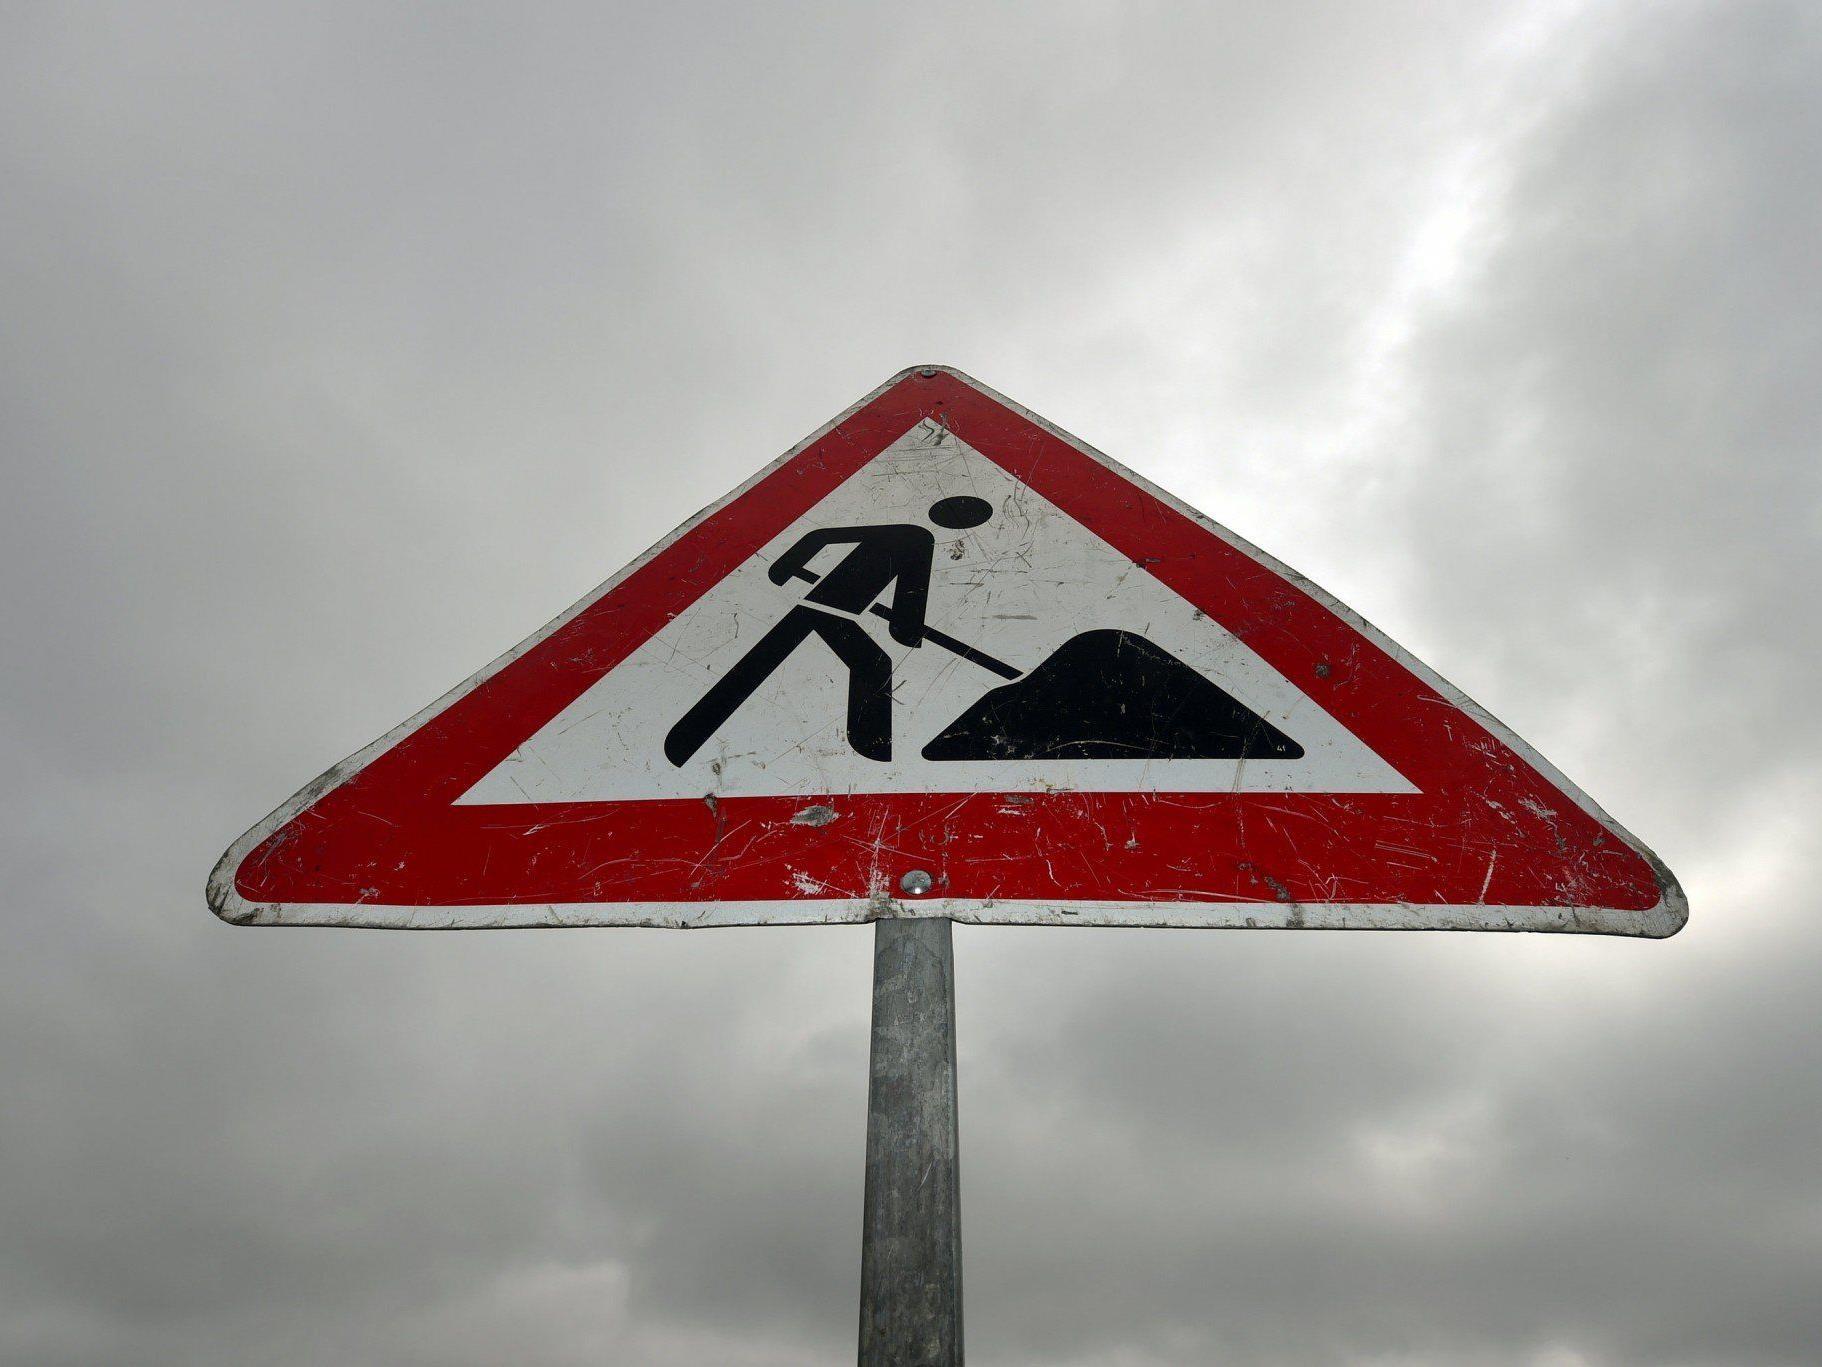 Zahlreiche Baustellen auf Österreichs Autobahnen - ÖAMTC erwartet dennoch keine größeren Behinderungen